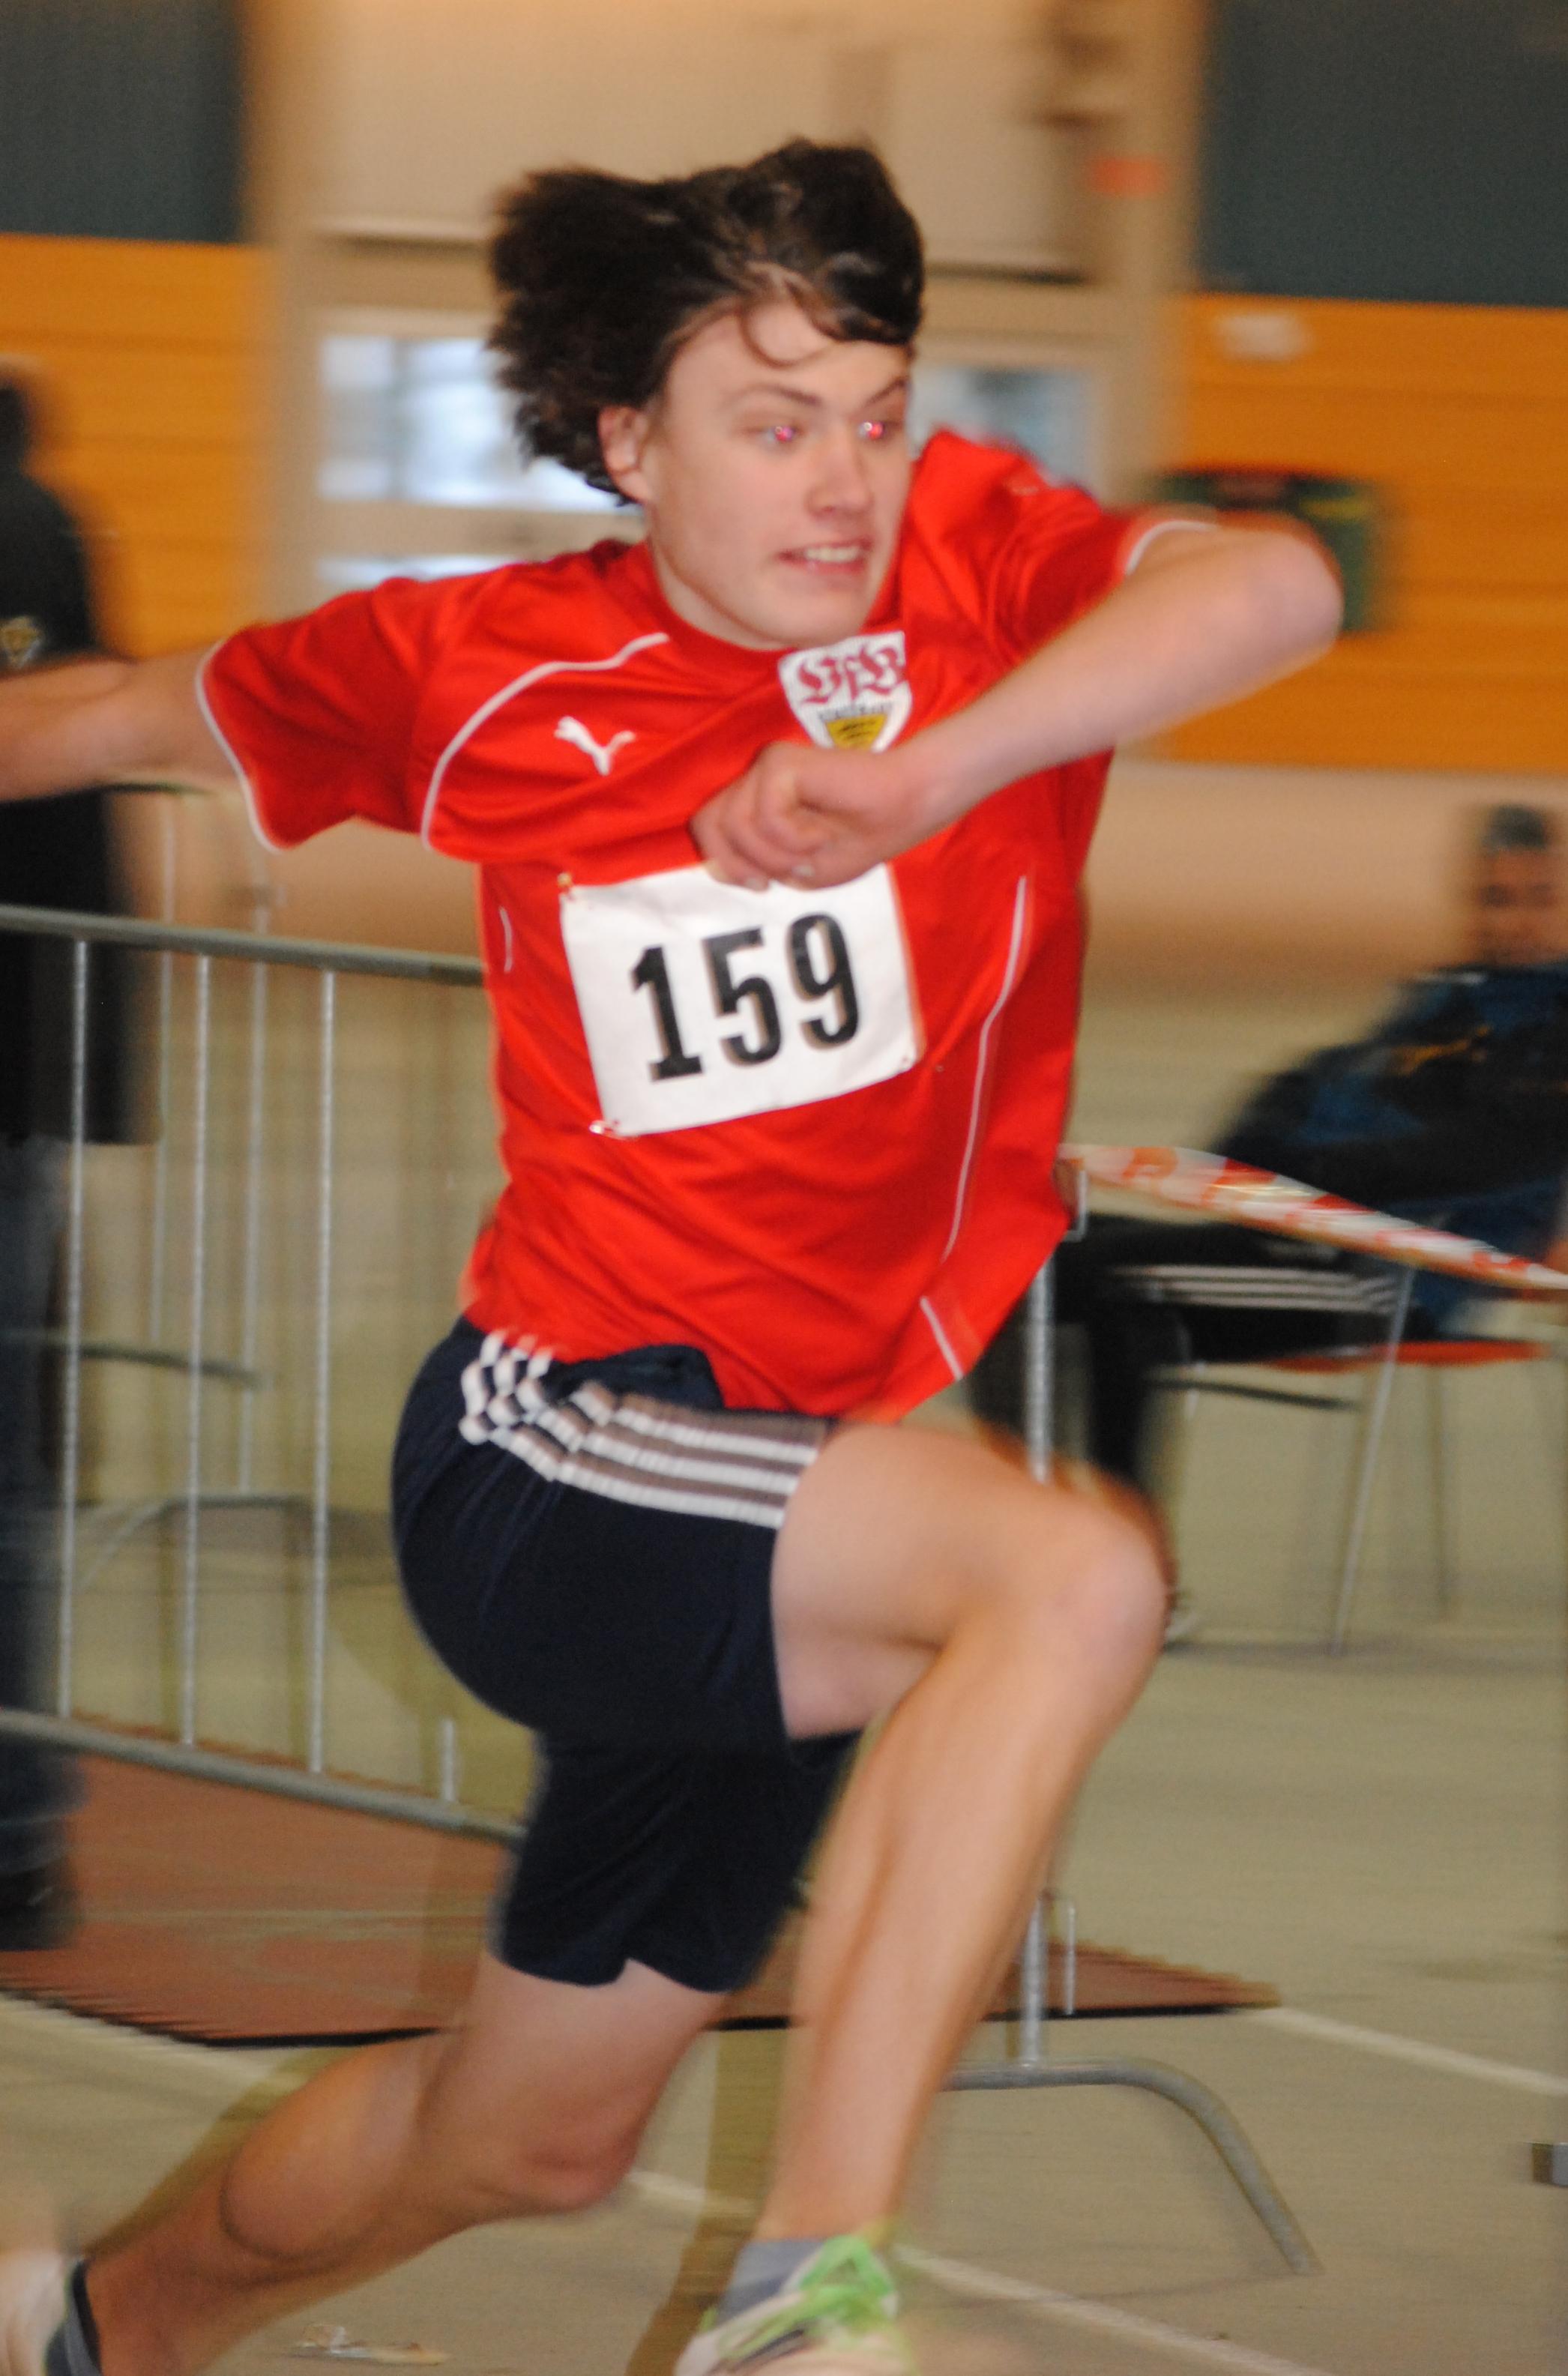 Bastian beim 5er-Sprung